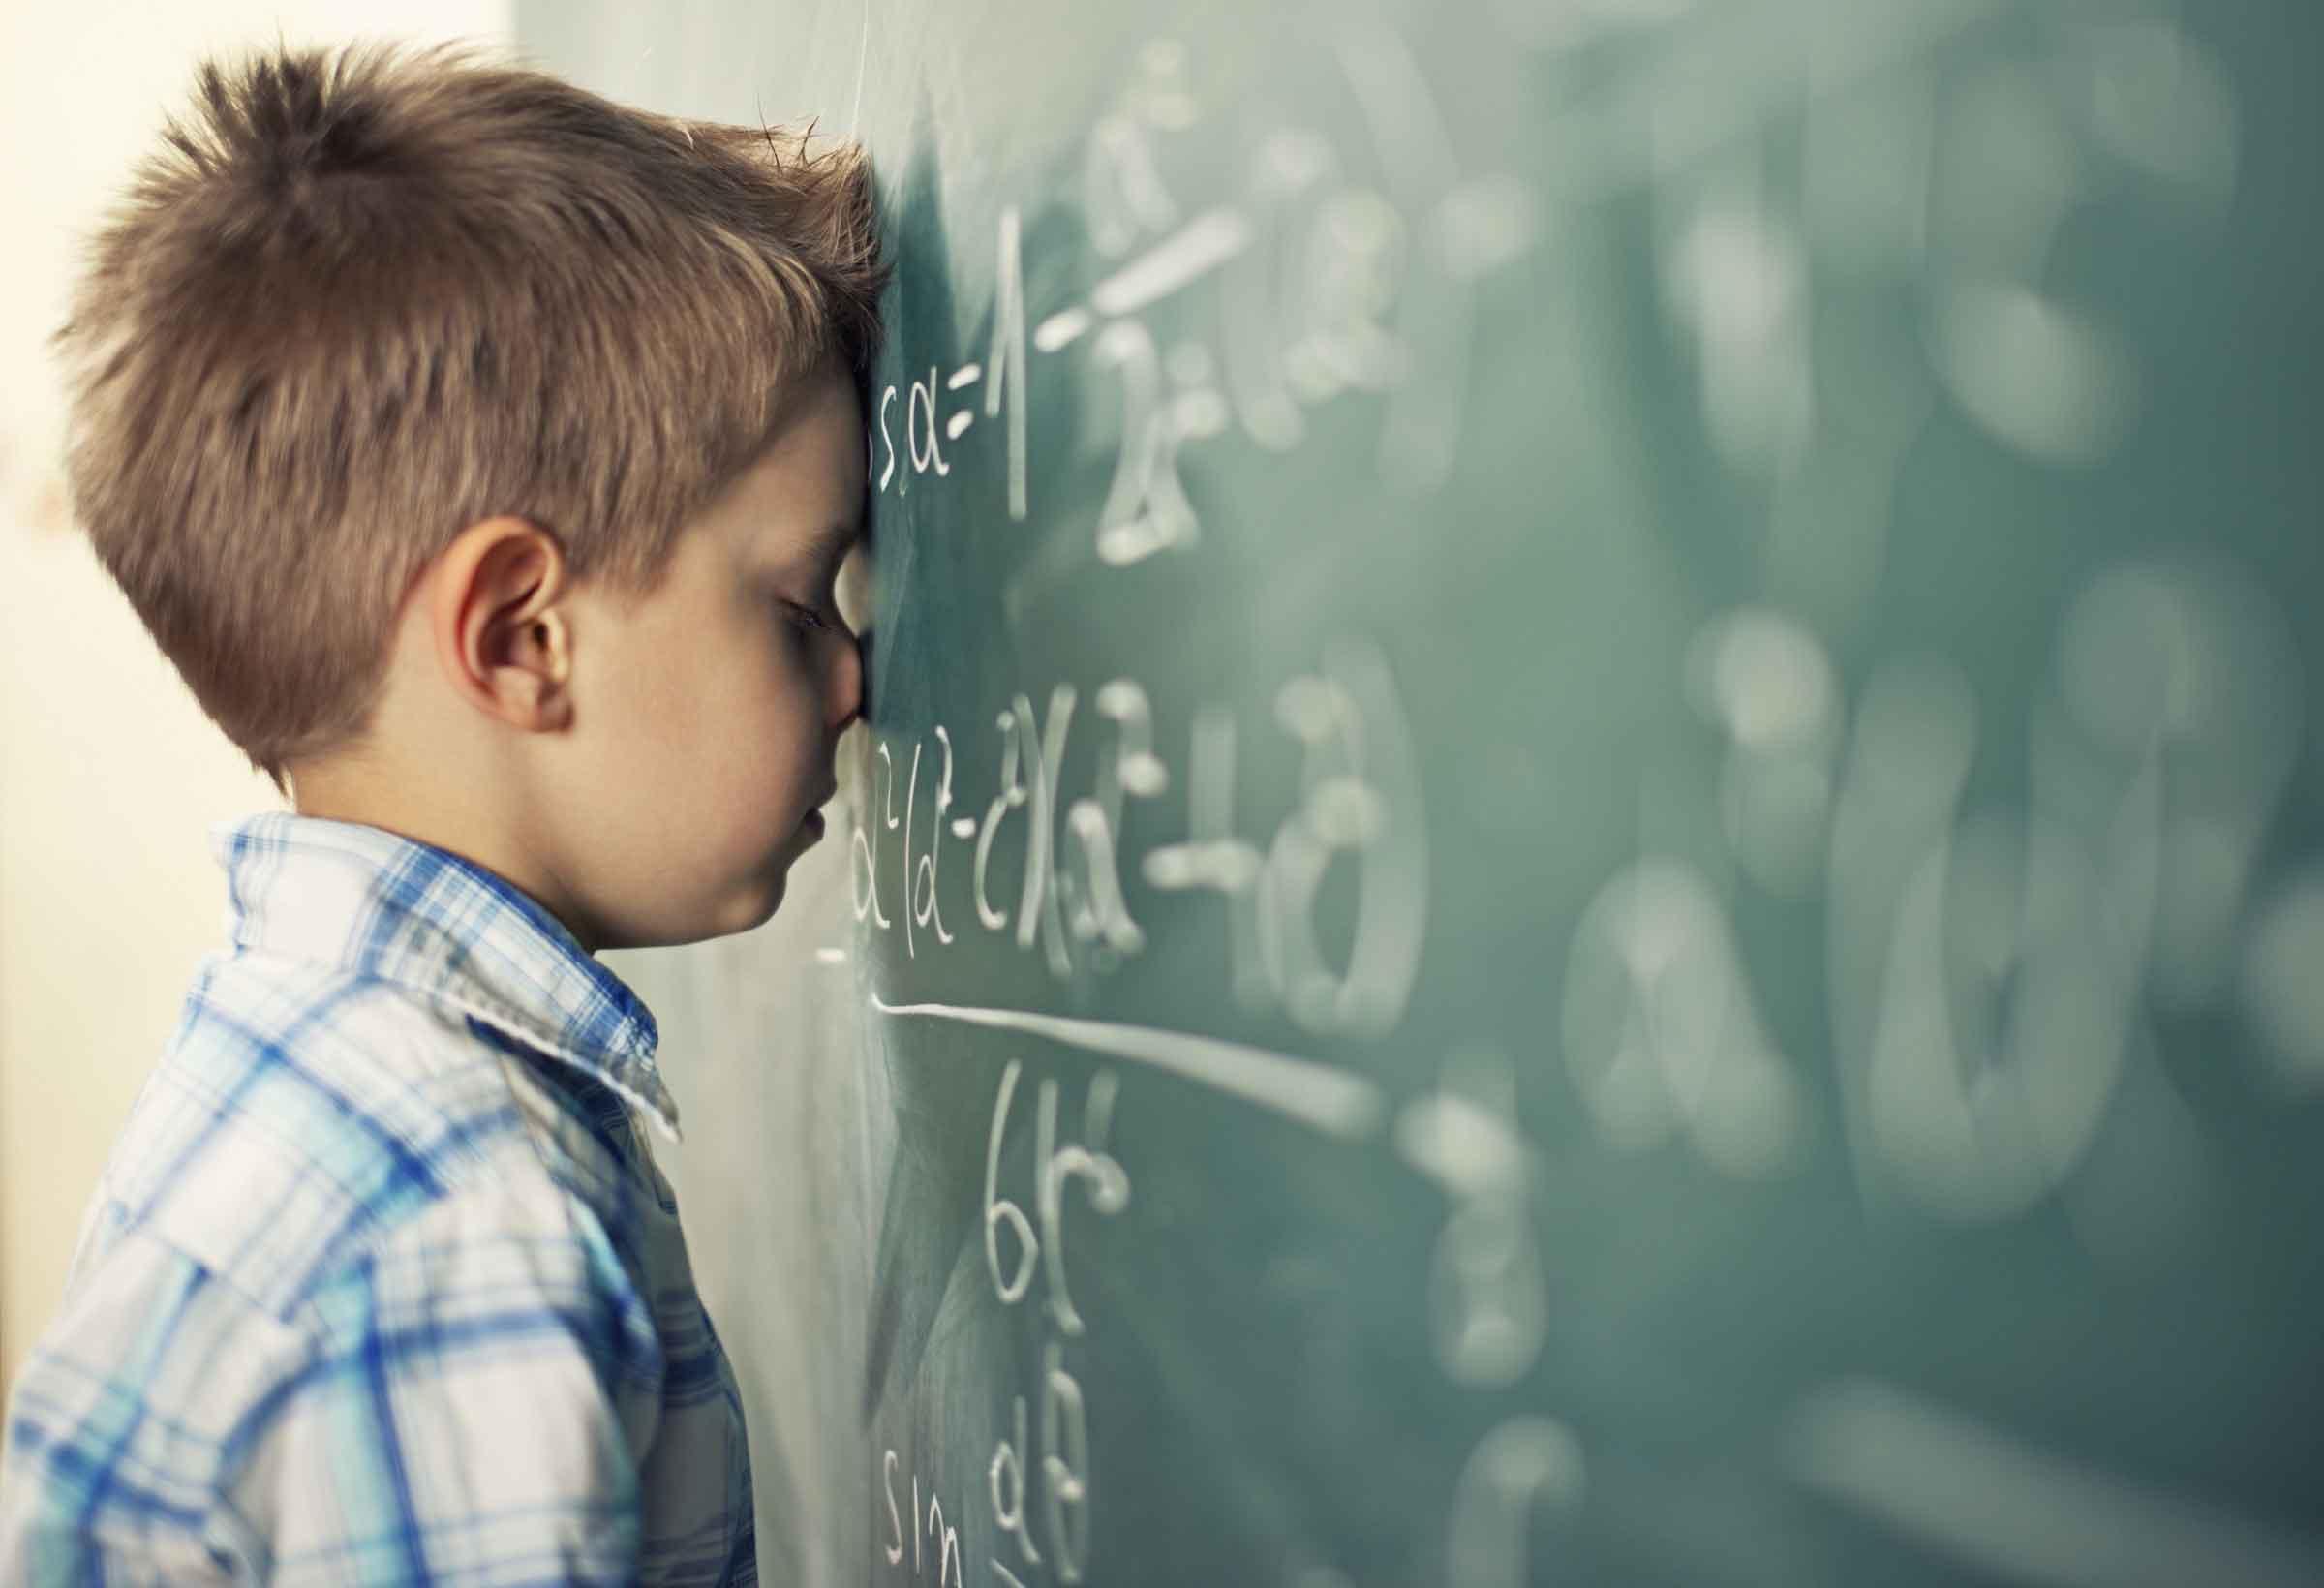 اختلالات یادگیری و عوامل آن